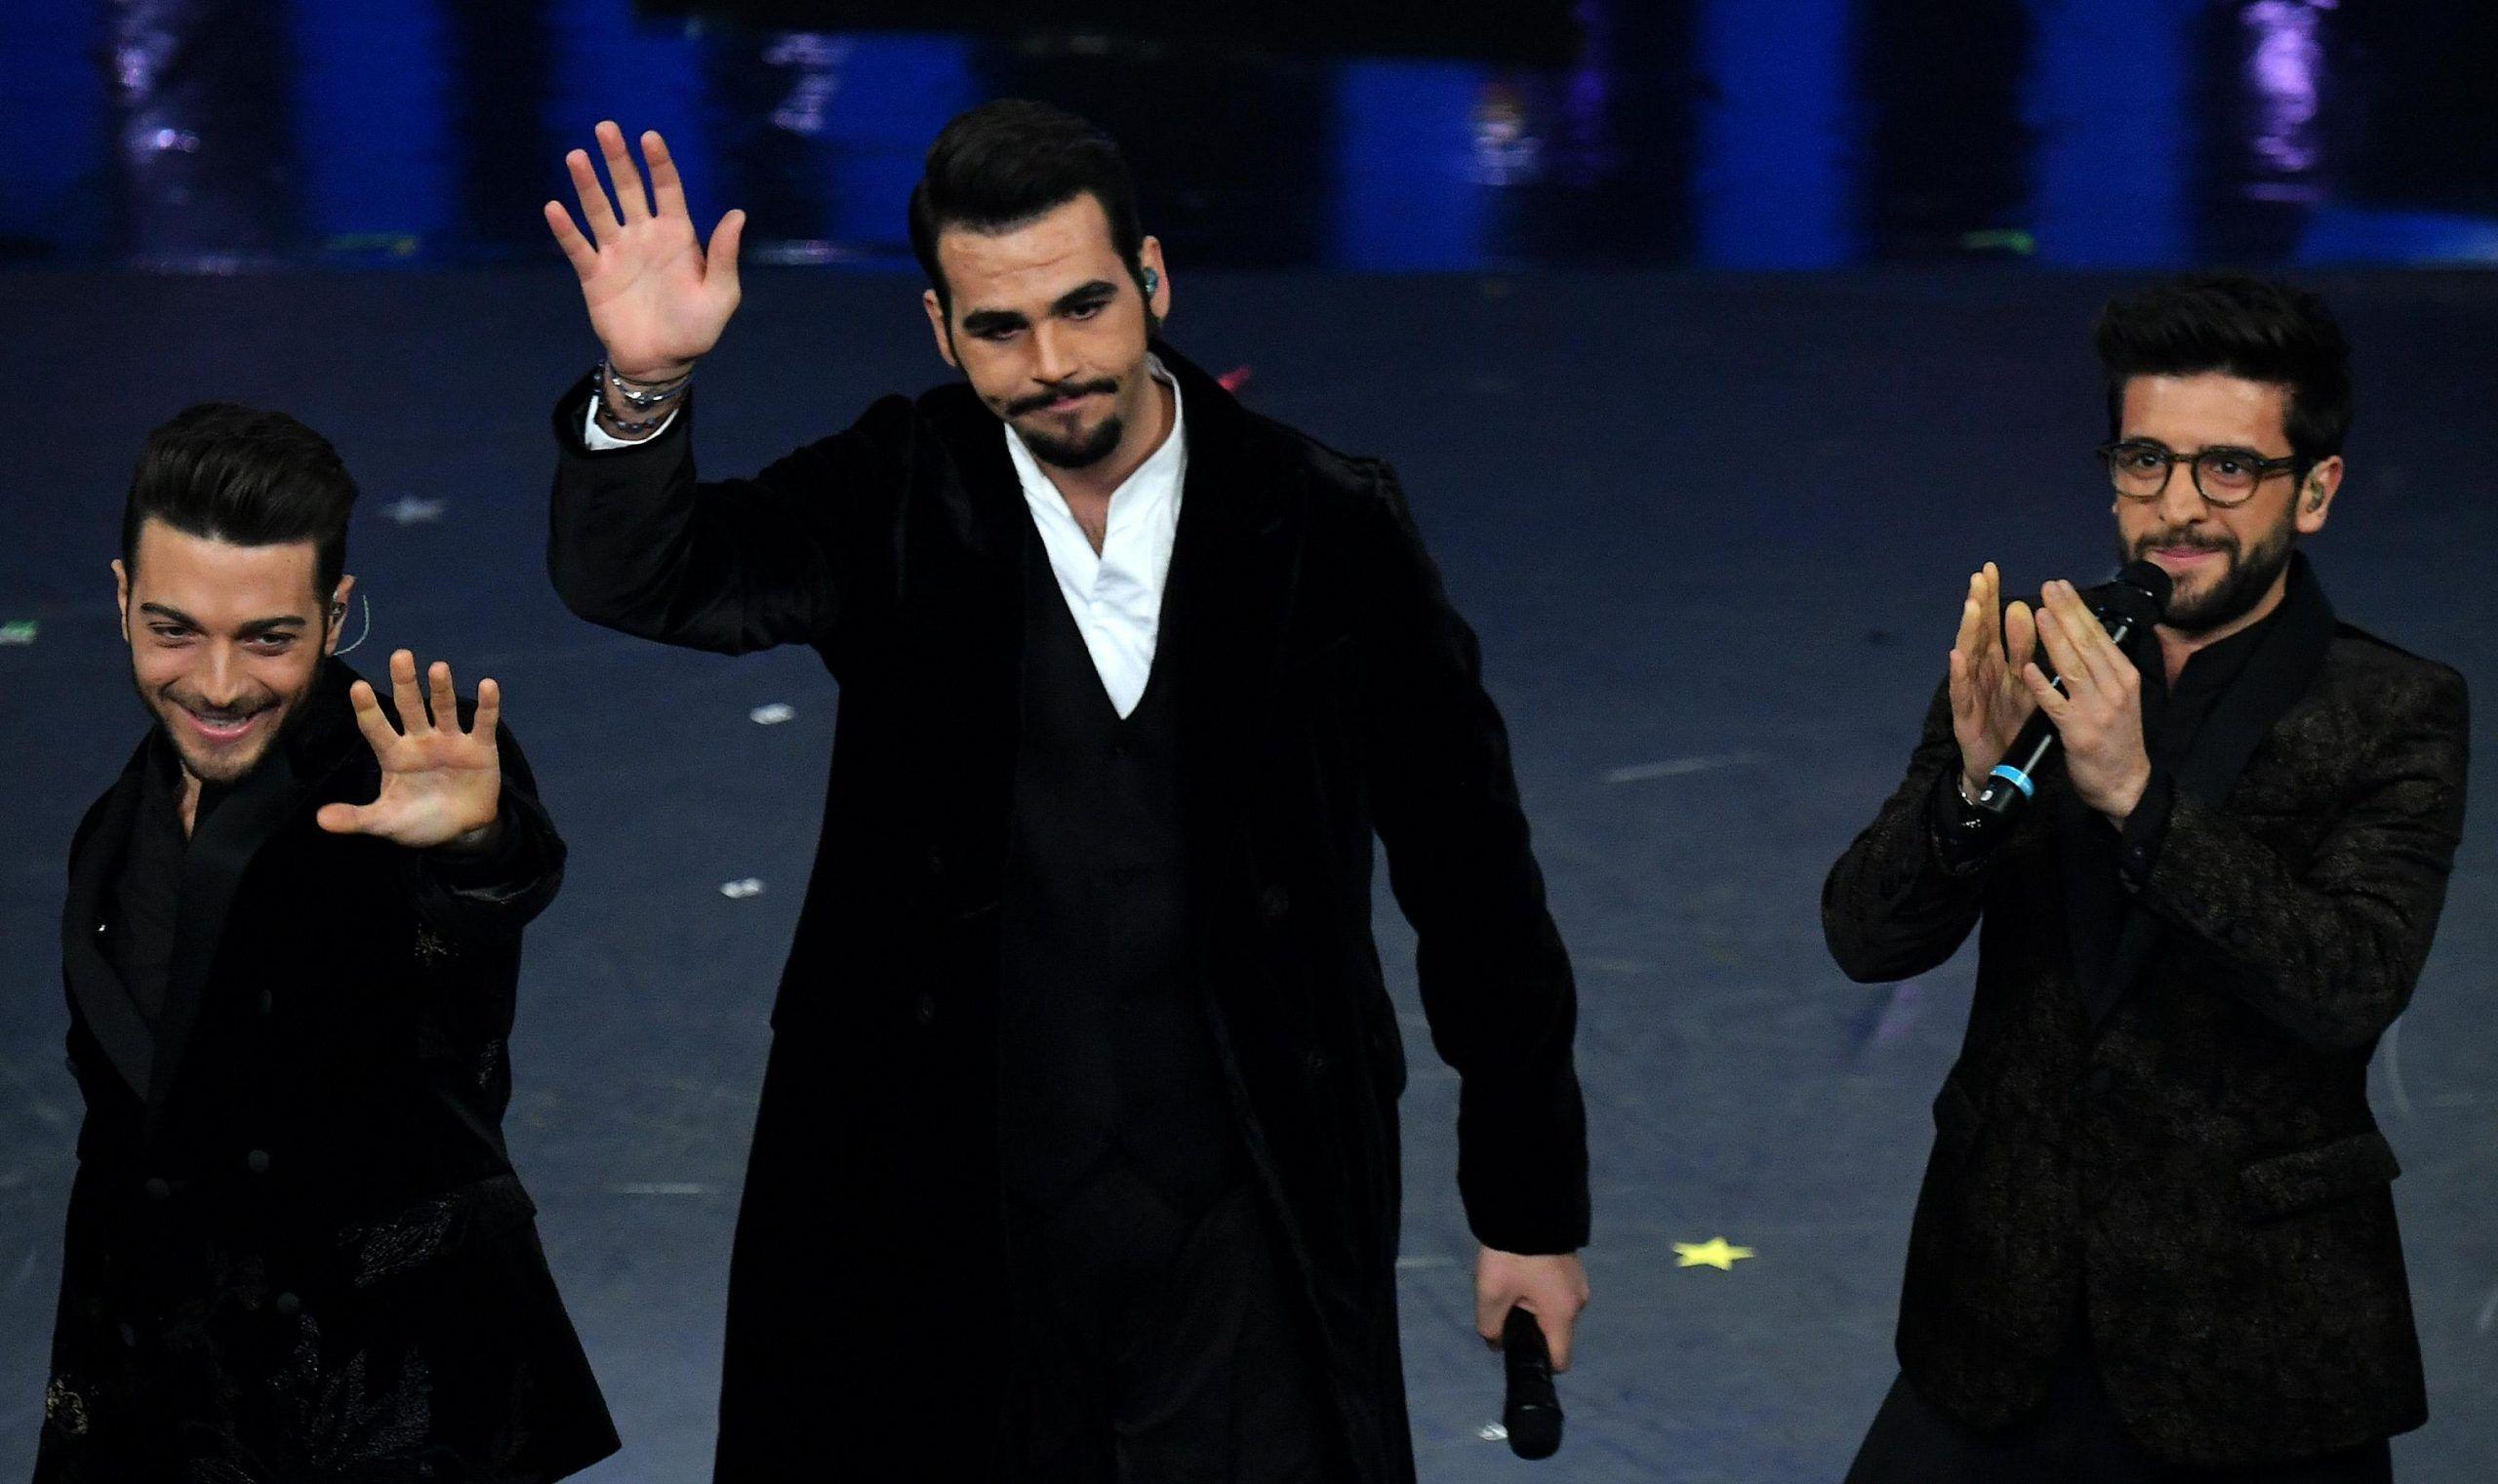 Sanremo 2019, Il Volo sulle offese dei giornalisti: 'Forma di bullismo'